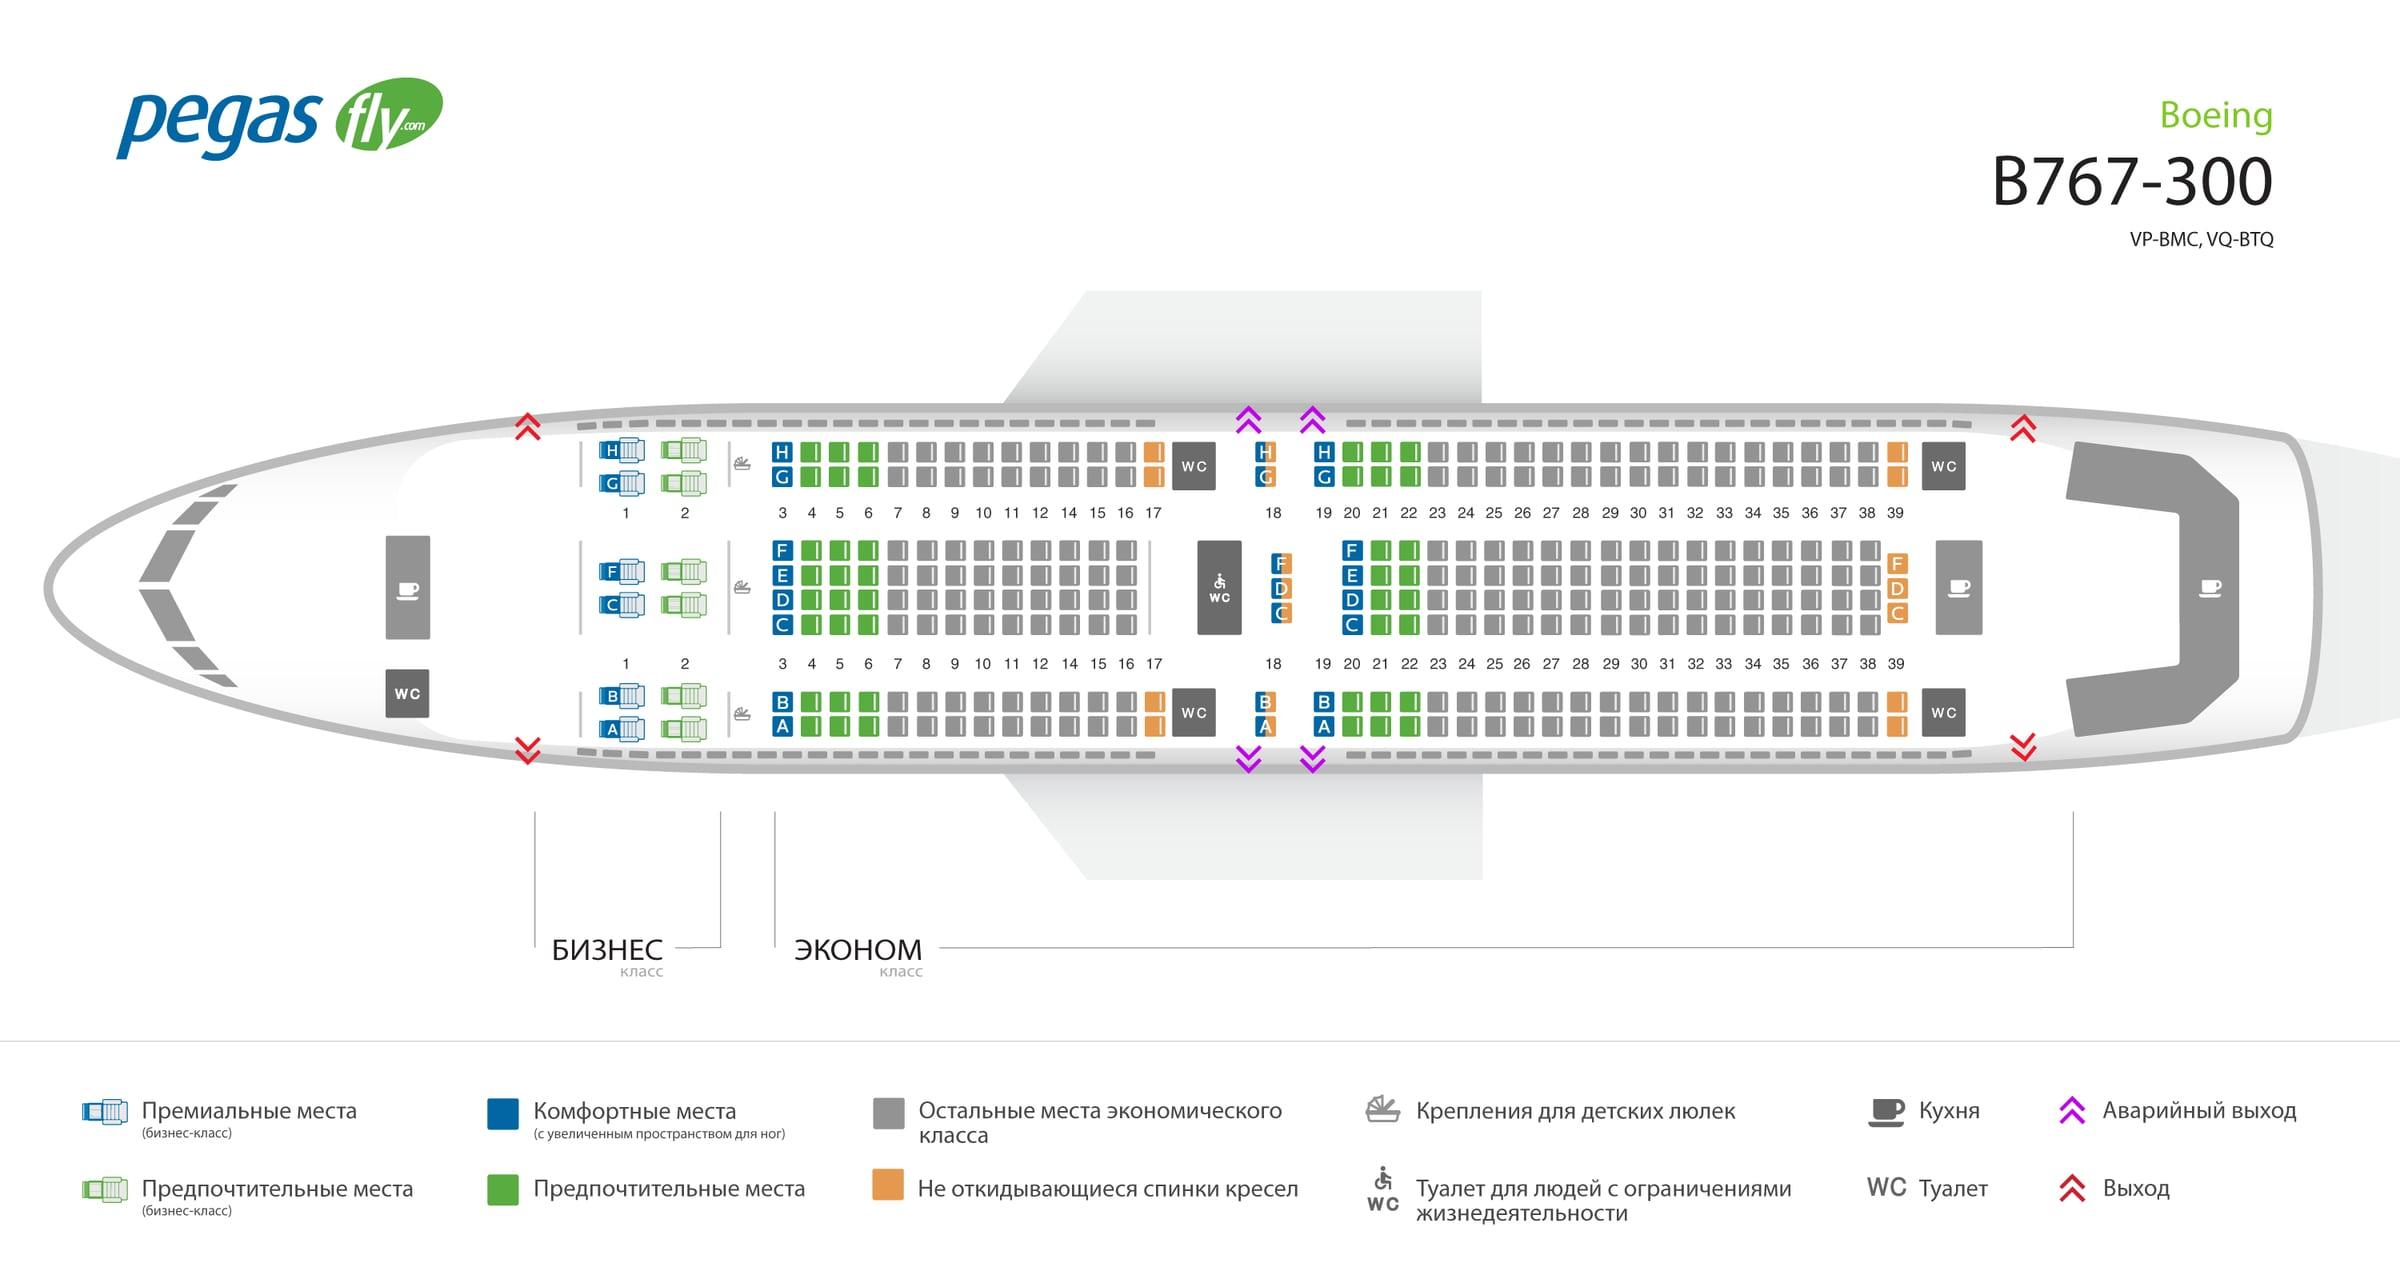 Боинг 767 300 икар схема салона 69